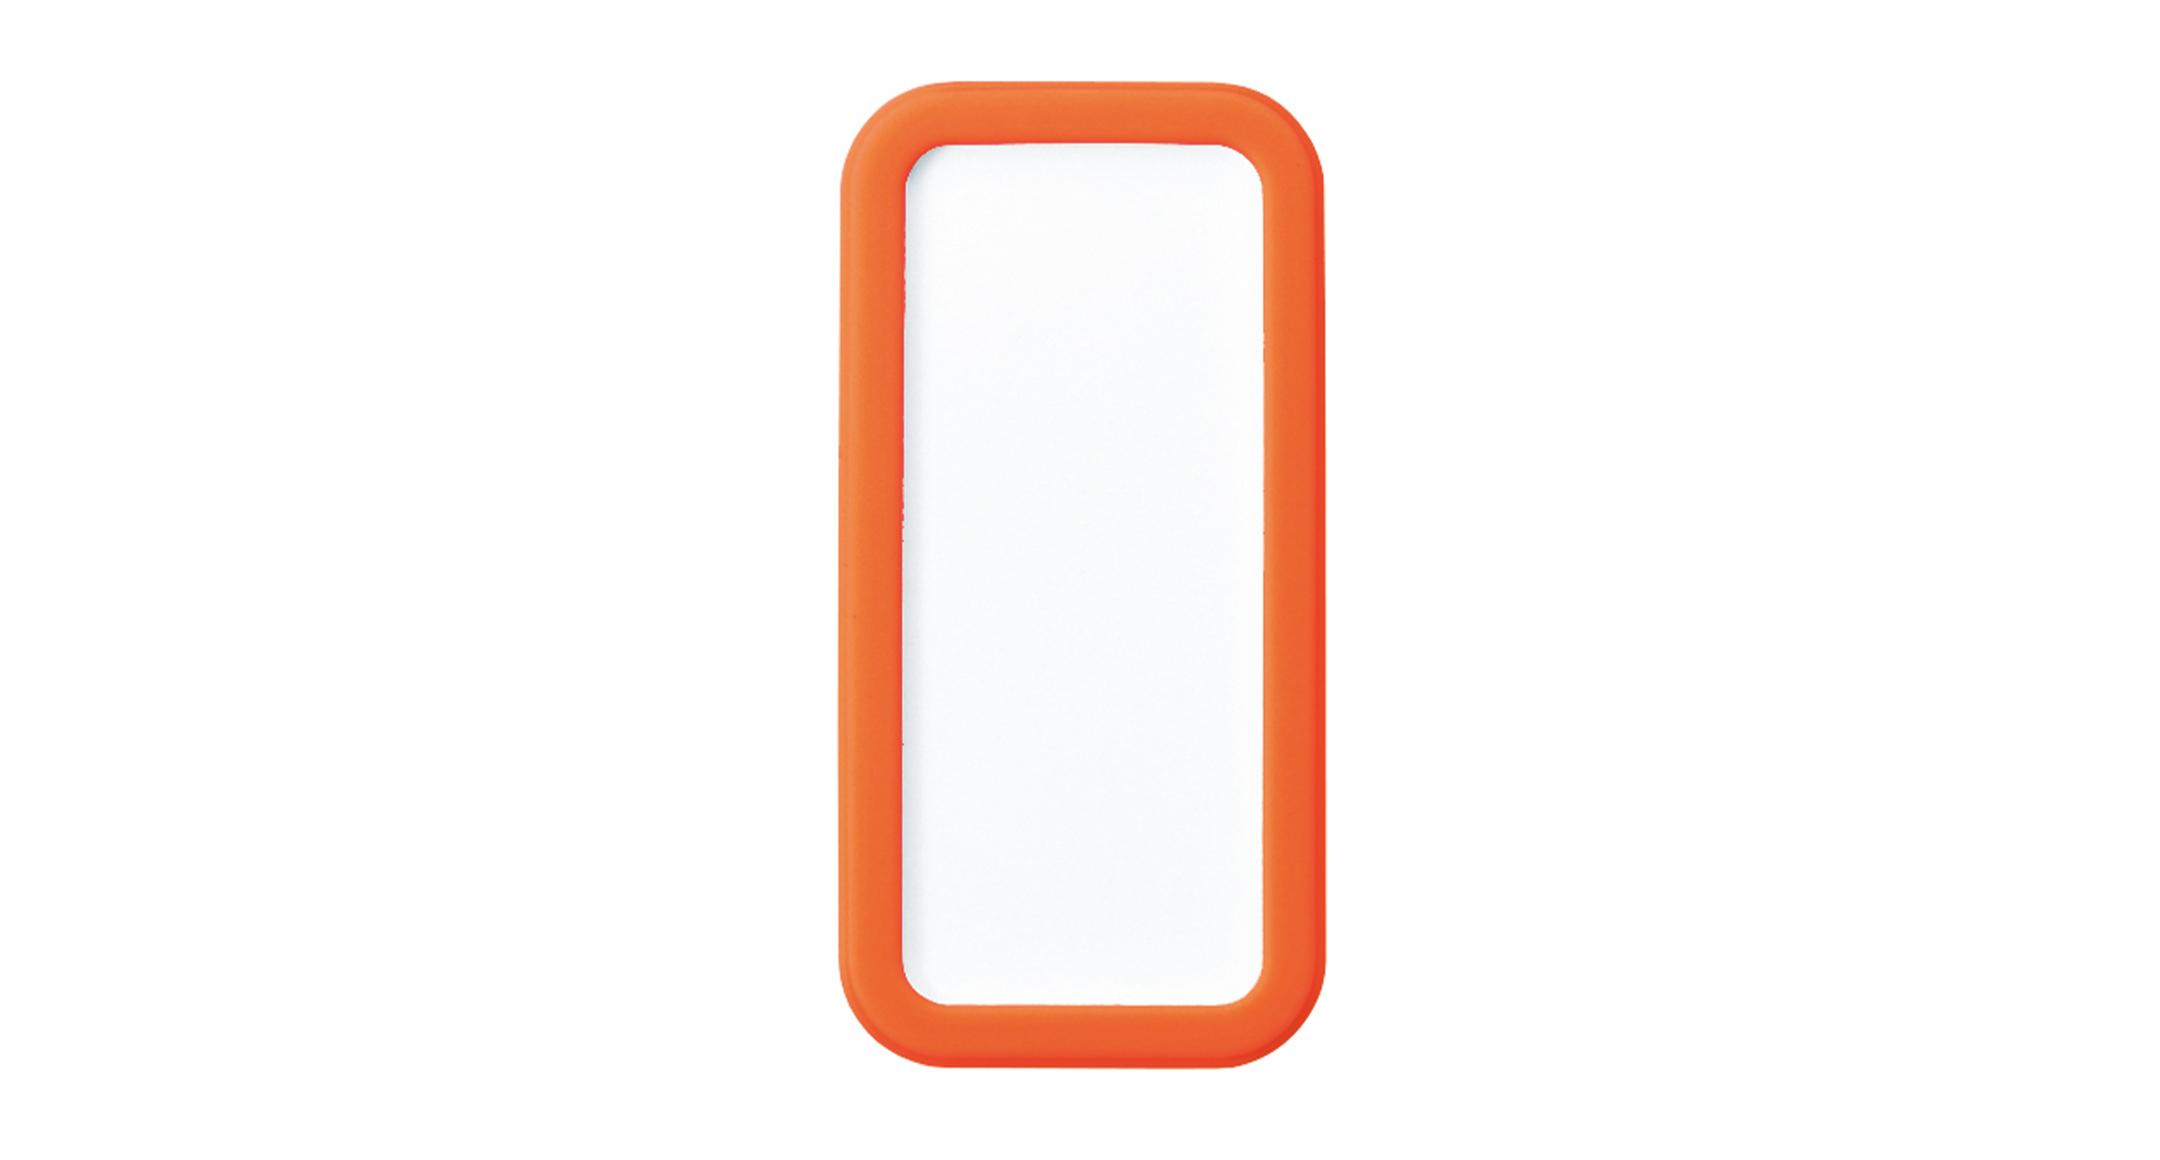 シリコンカバー付ポータブルケース CSSシリーズ:ホワイト/オレンジの画像